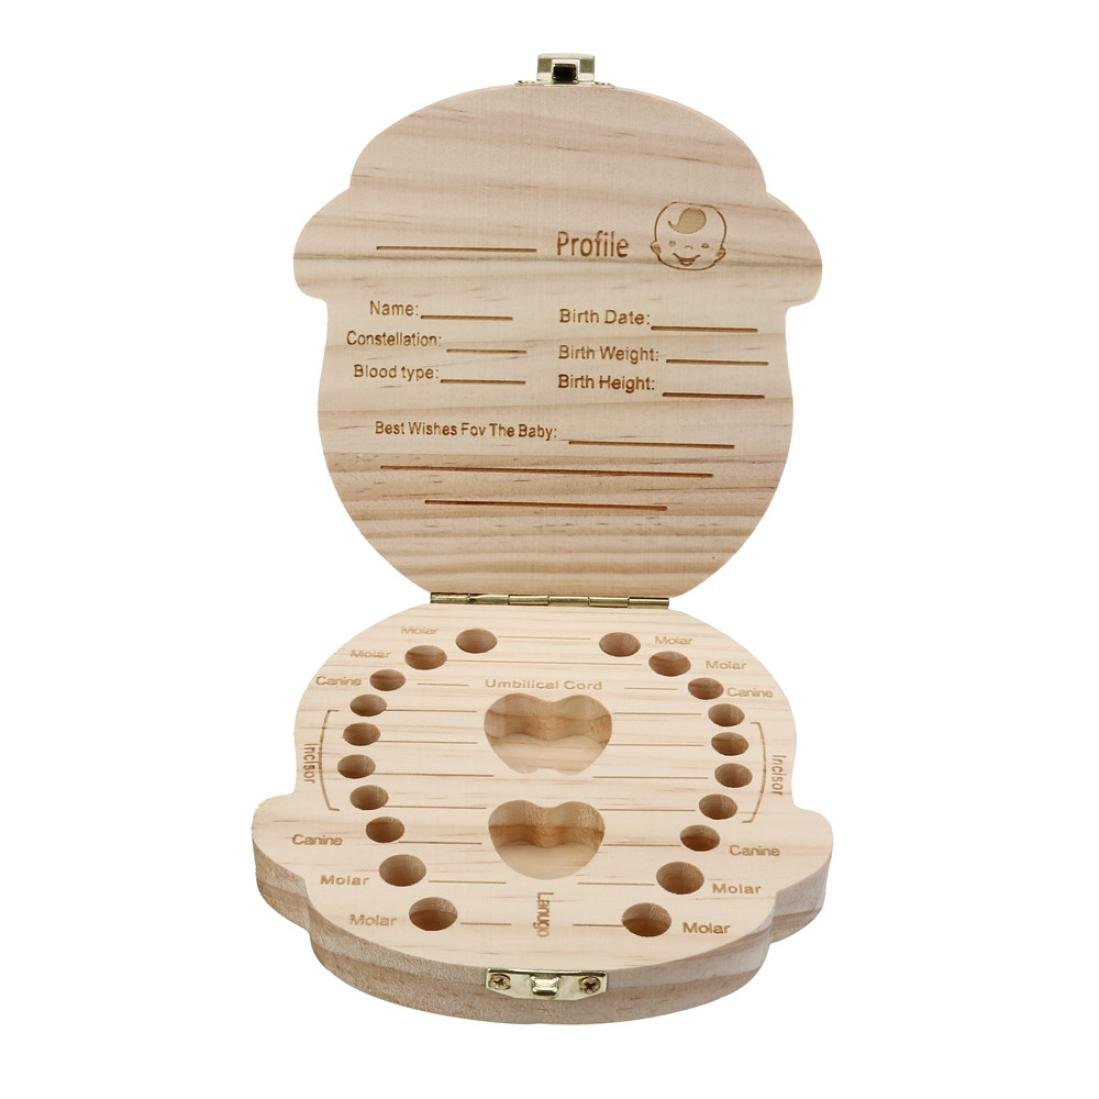 Renttos Baby Wooden Teeth Save Box Milk Teeth Wood Case Storage Kids Keepsake Organizer for Kids Boy